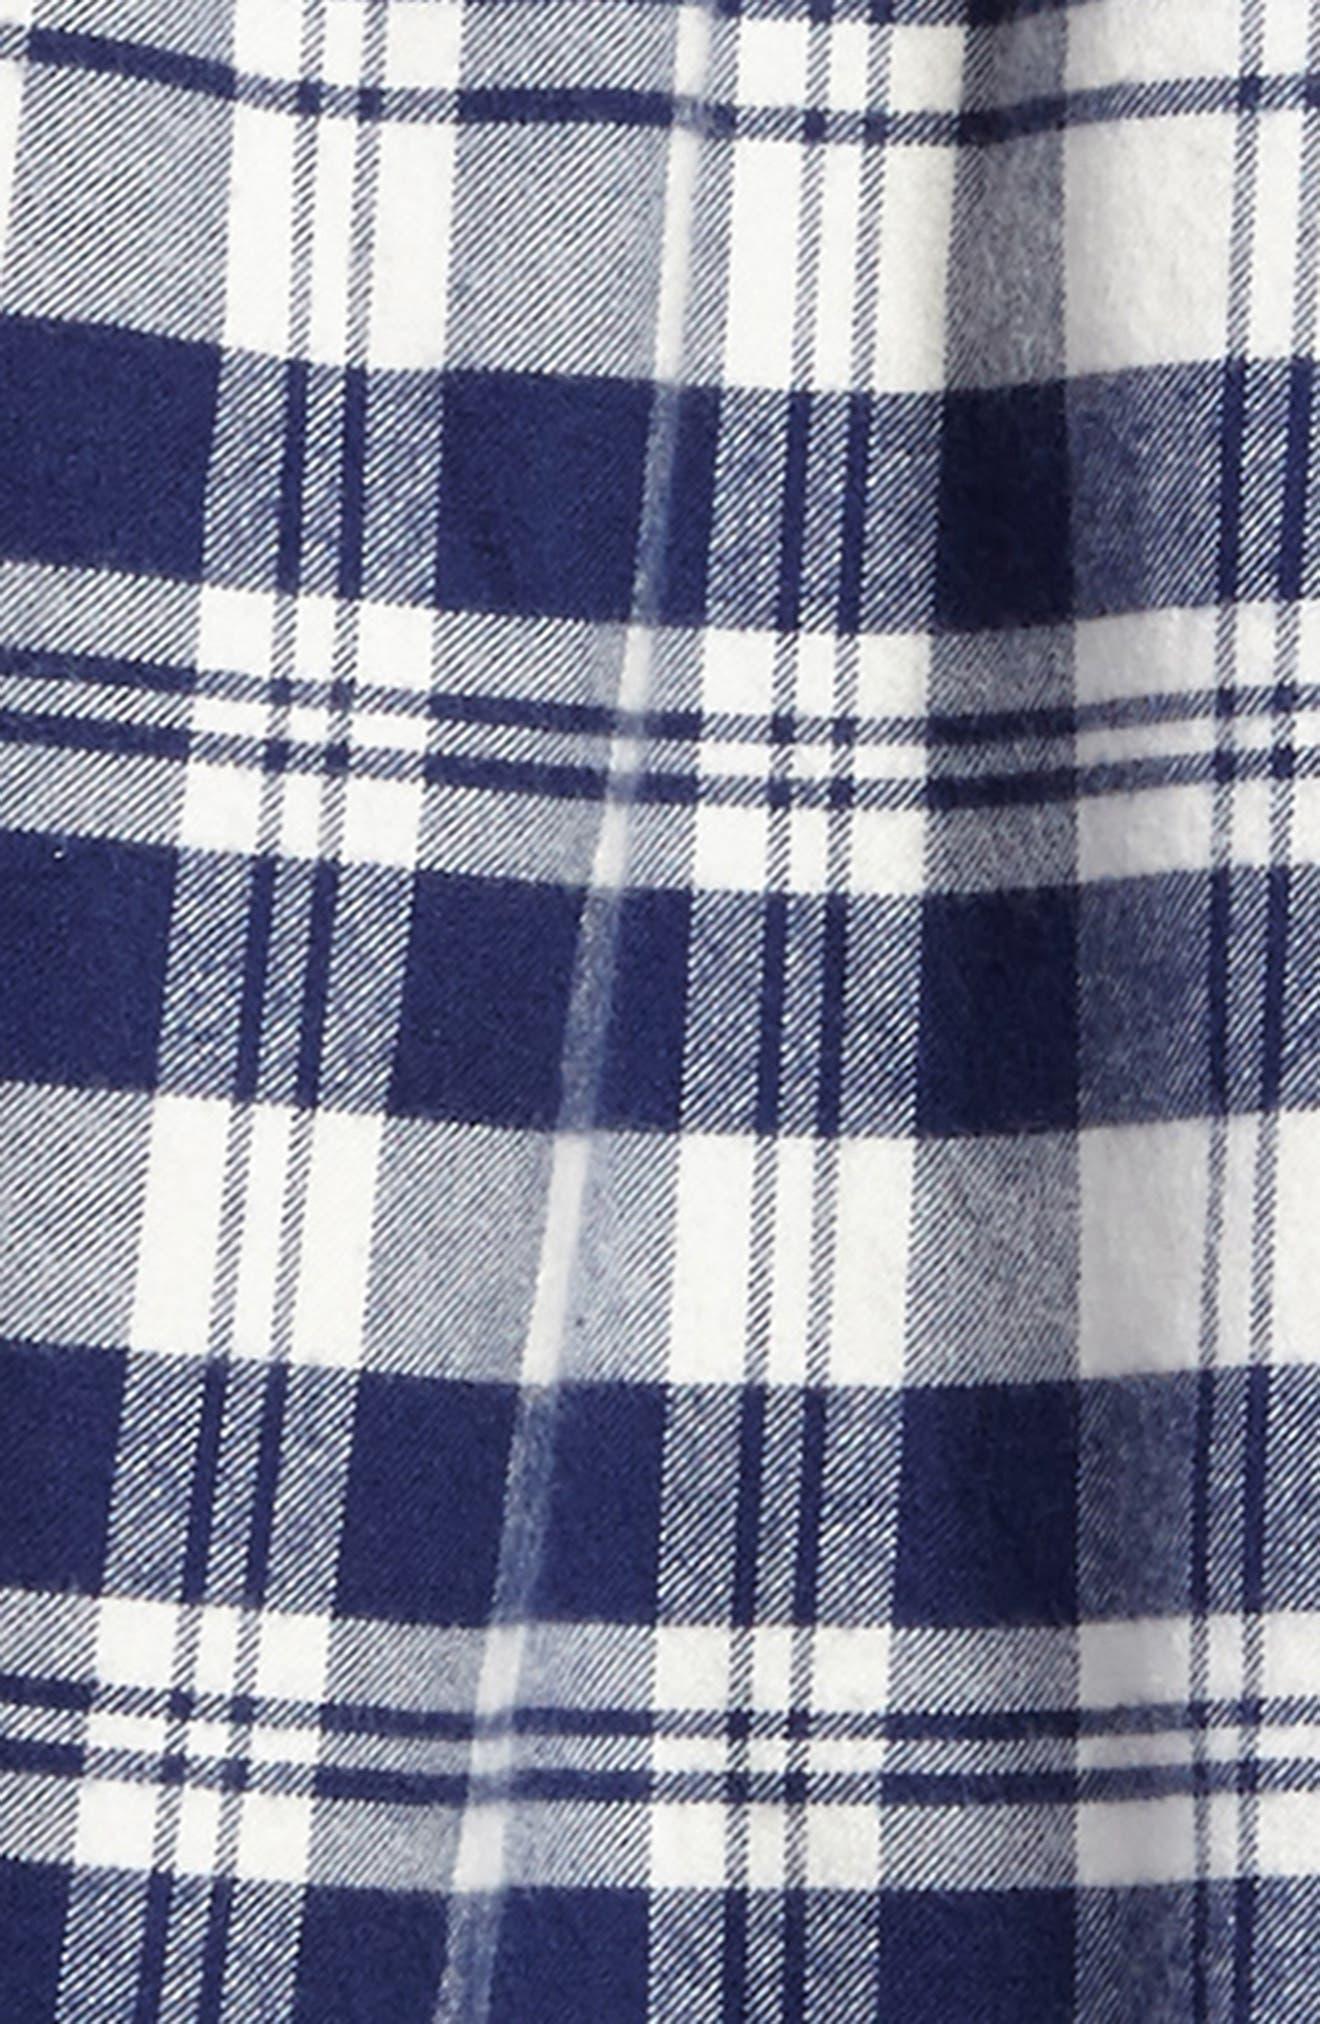 Soirée Plaid Flannel Dress,                             Alternate thumbnail 3, color,